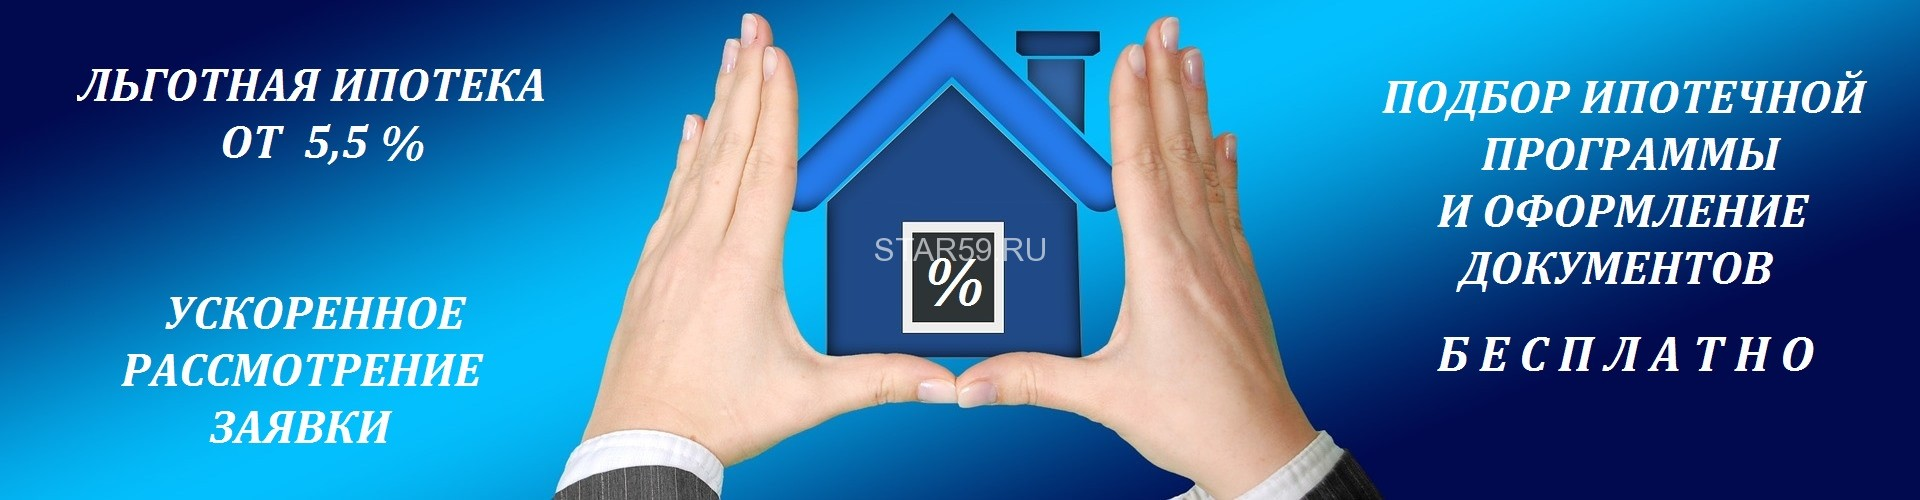 ЗВЕЗДА — агентство недвижимости в Перми | Новостройки в Перми, продажа квартир, домов, земельных участков и другой недвижимости.